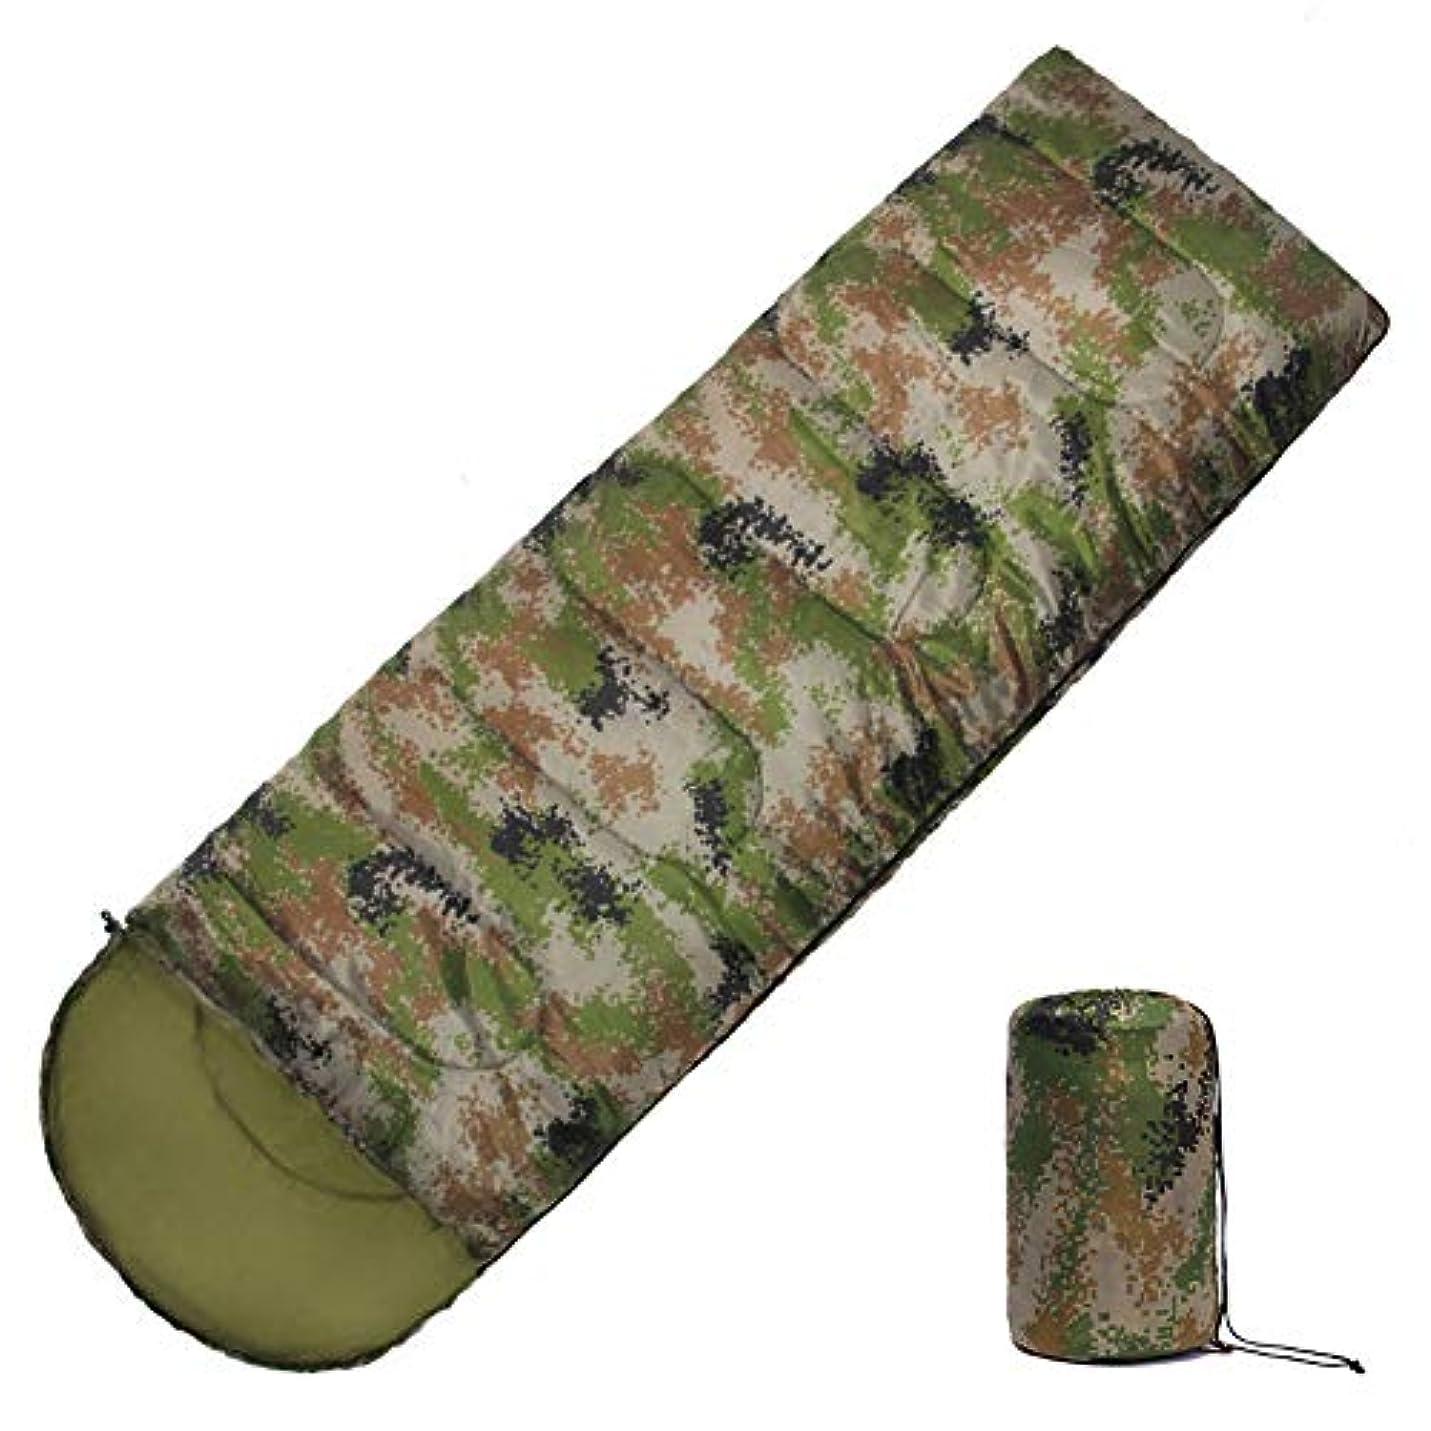 虐殺虚栄心明確なアウトドア迷彩寝袋、ポータブル圧縮バッグ旅行とキャンプ春夏と秋の屋内寝袋